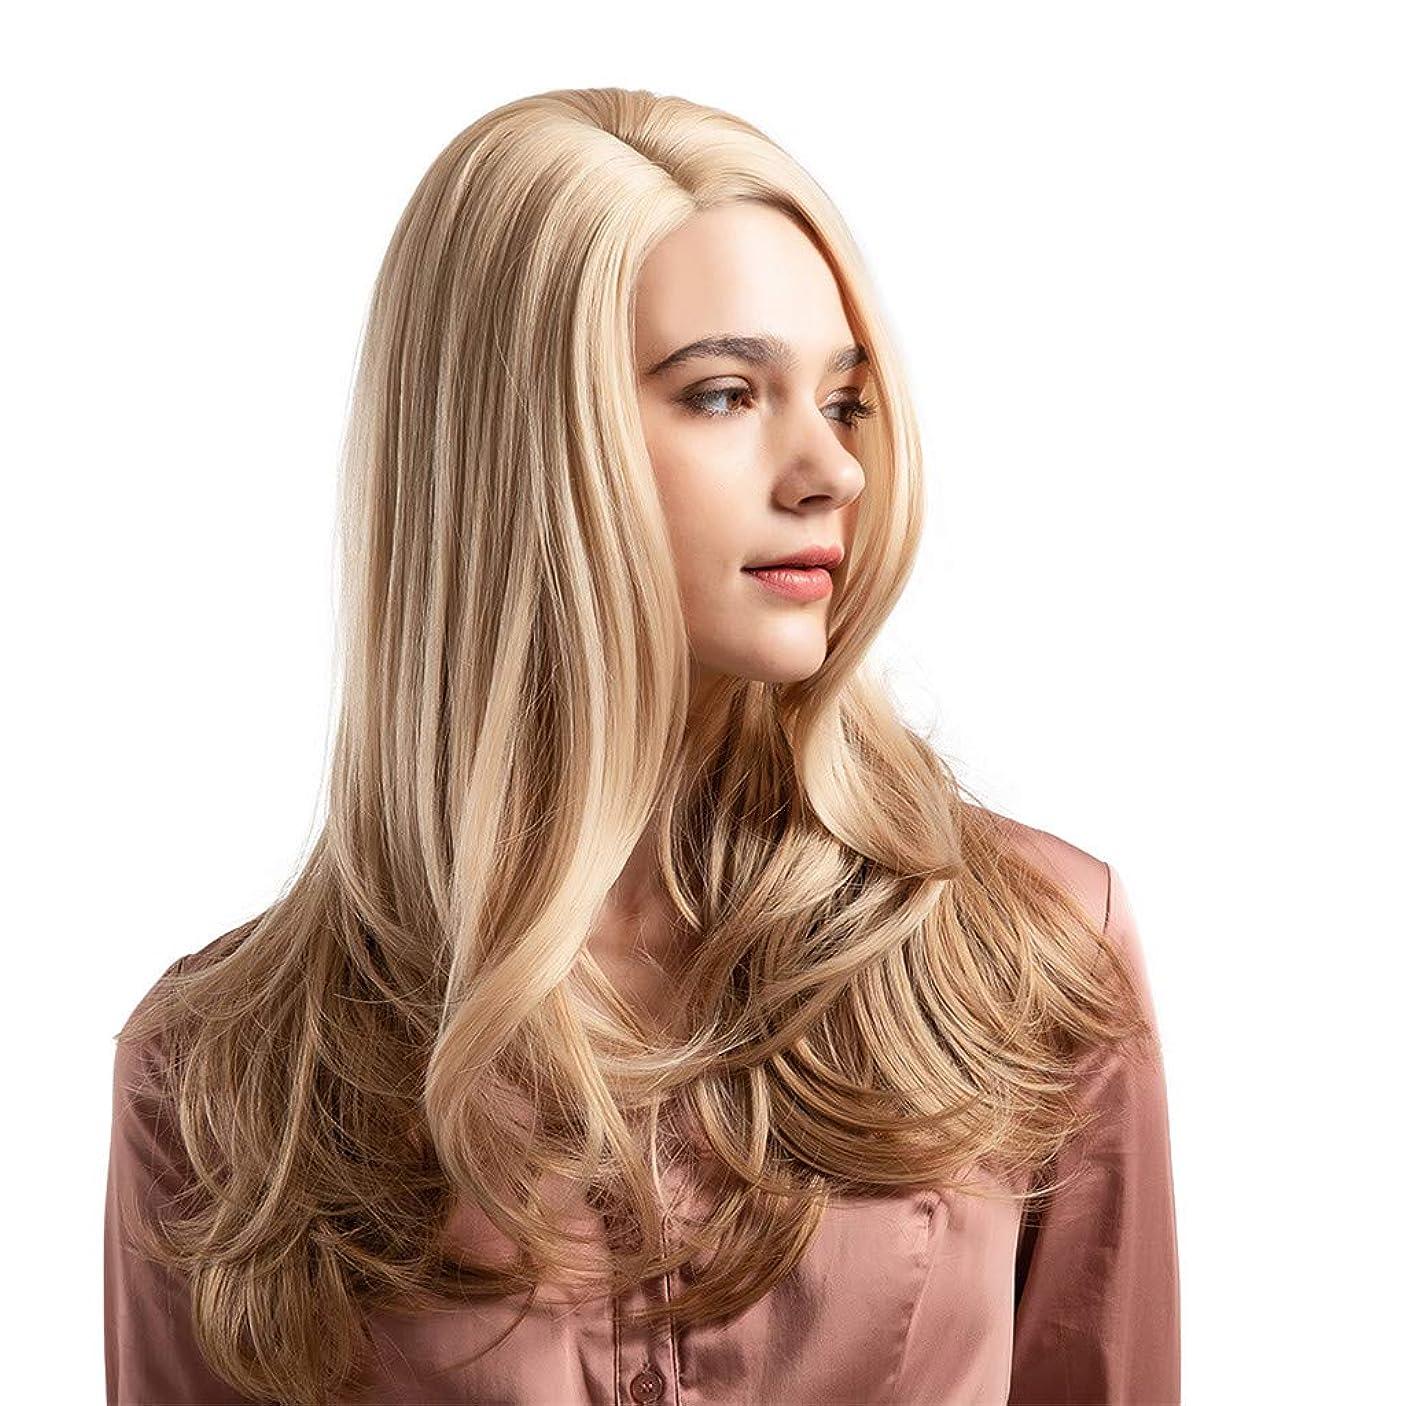 のためインゲン緩むウィッグ女性黄金の大きな波状の巻き毛の高温シルクウィッグ22インチ